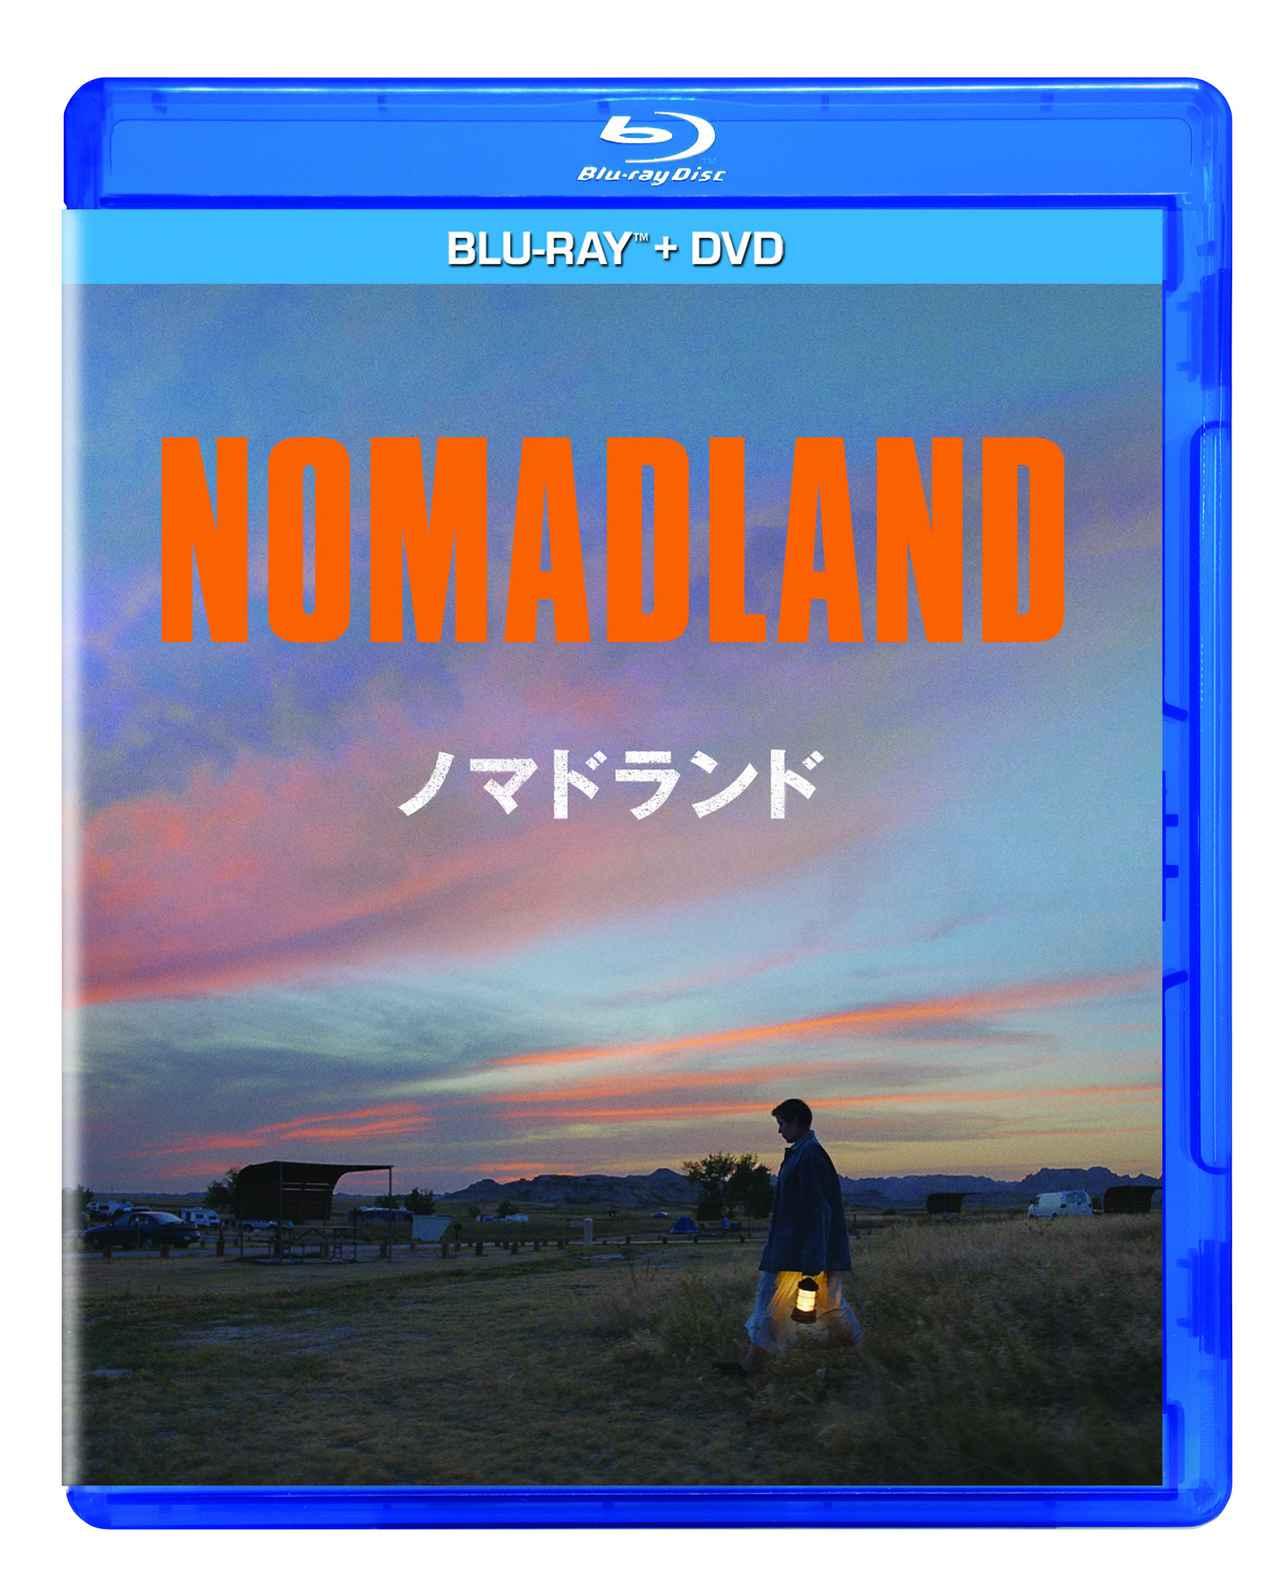 画像: アカデミー賞主要3部門受賞『ノマドランド』、早くも6月23日にブルーレイ+DVDの発売が決定!6月9日にはデジタル配信も開始